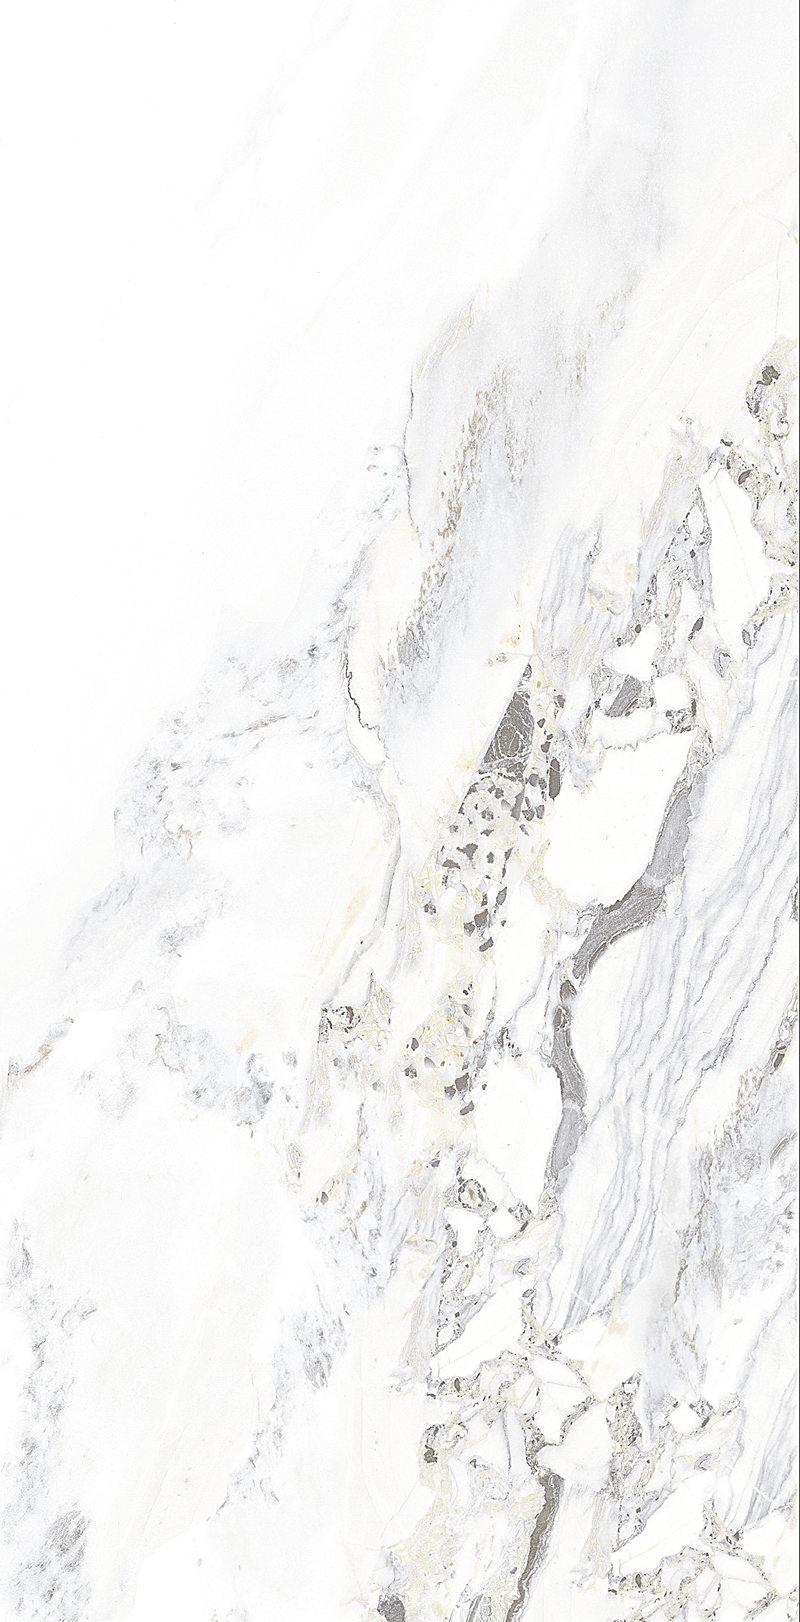 WH-1T126755